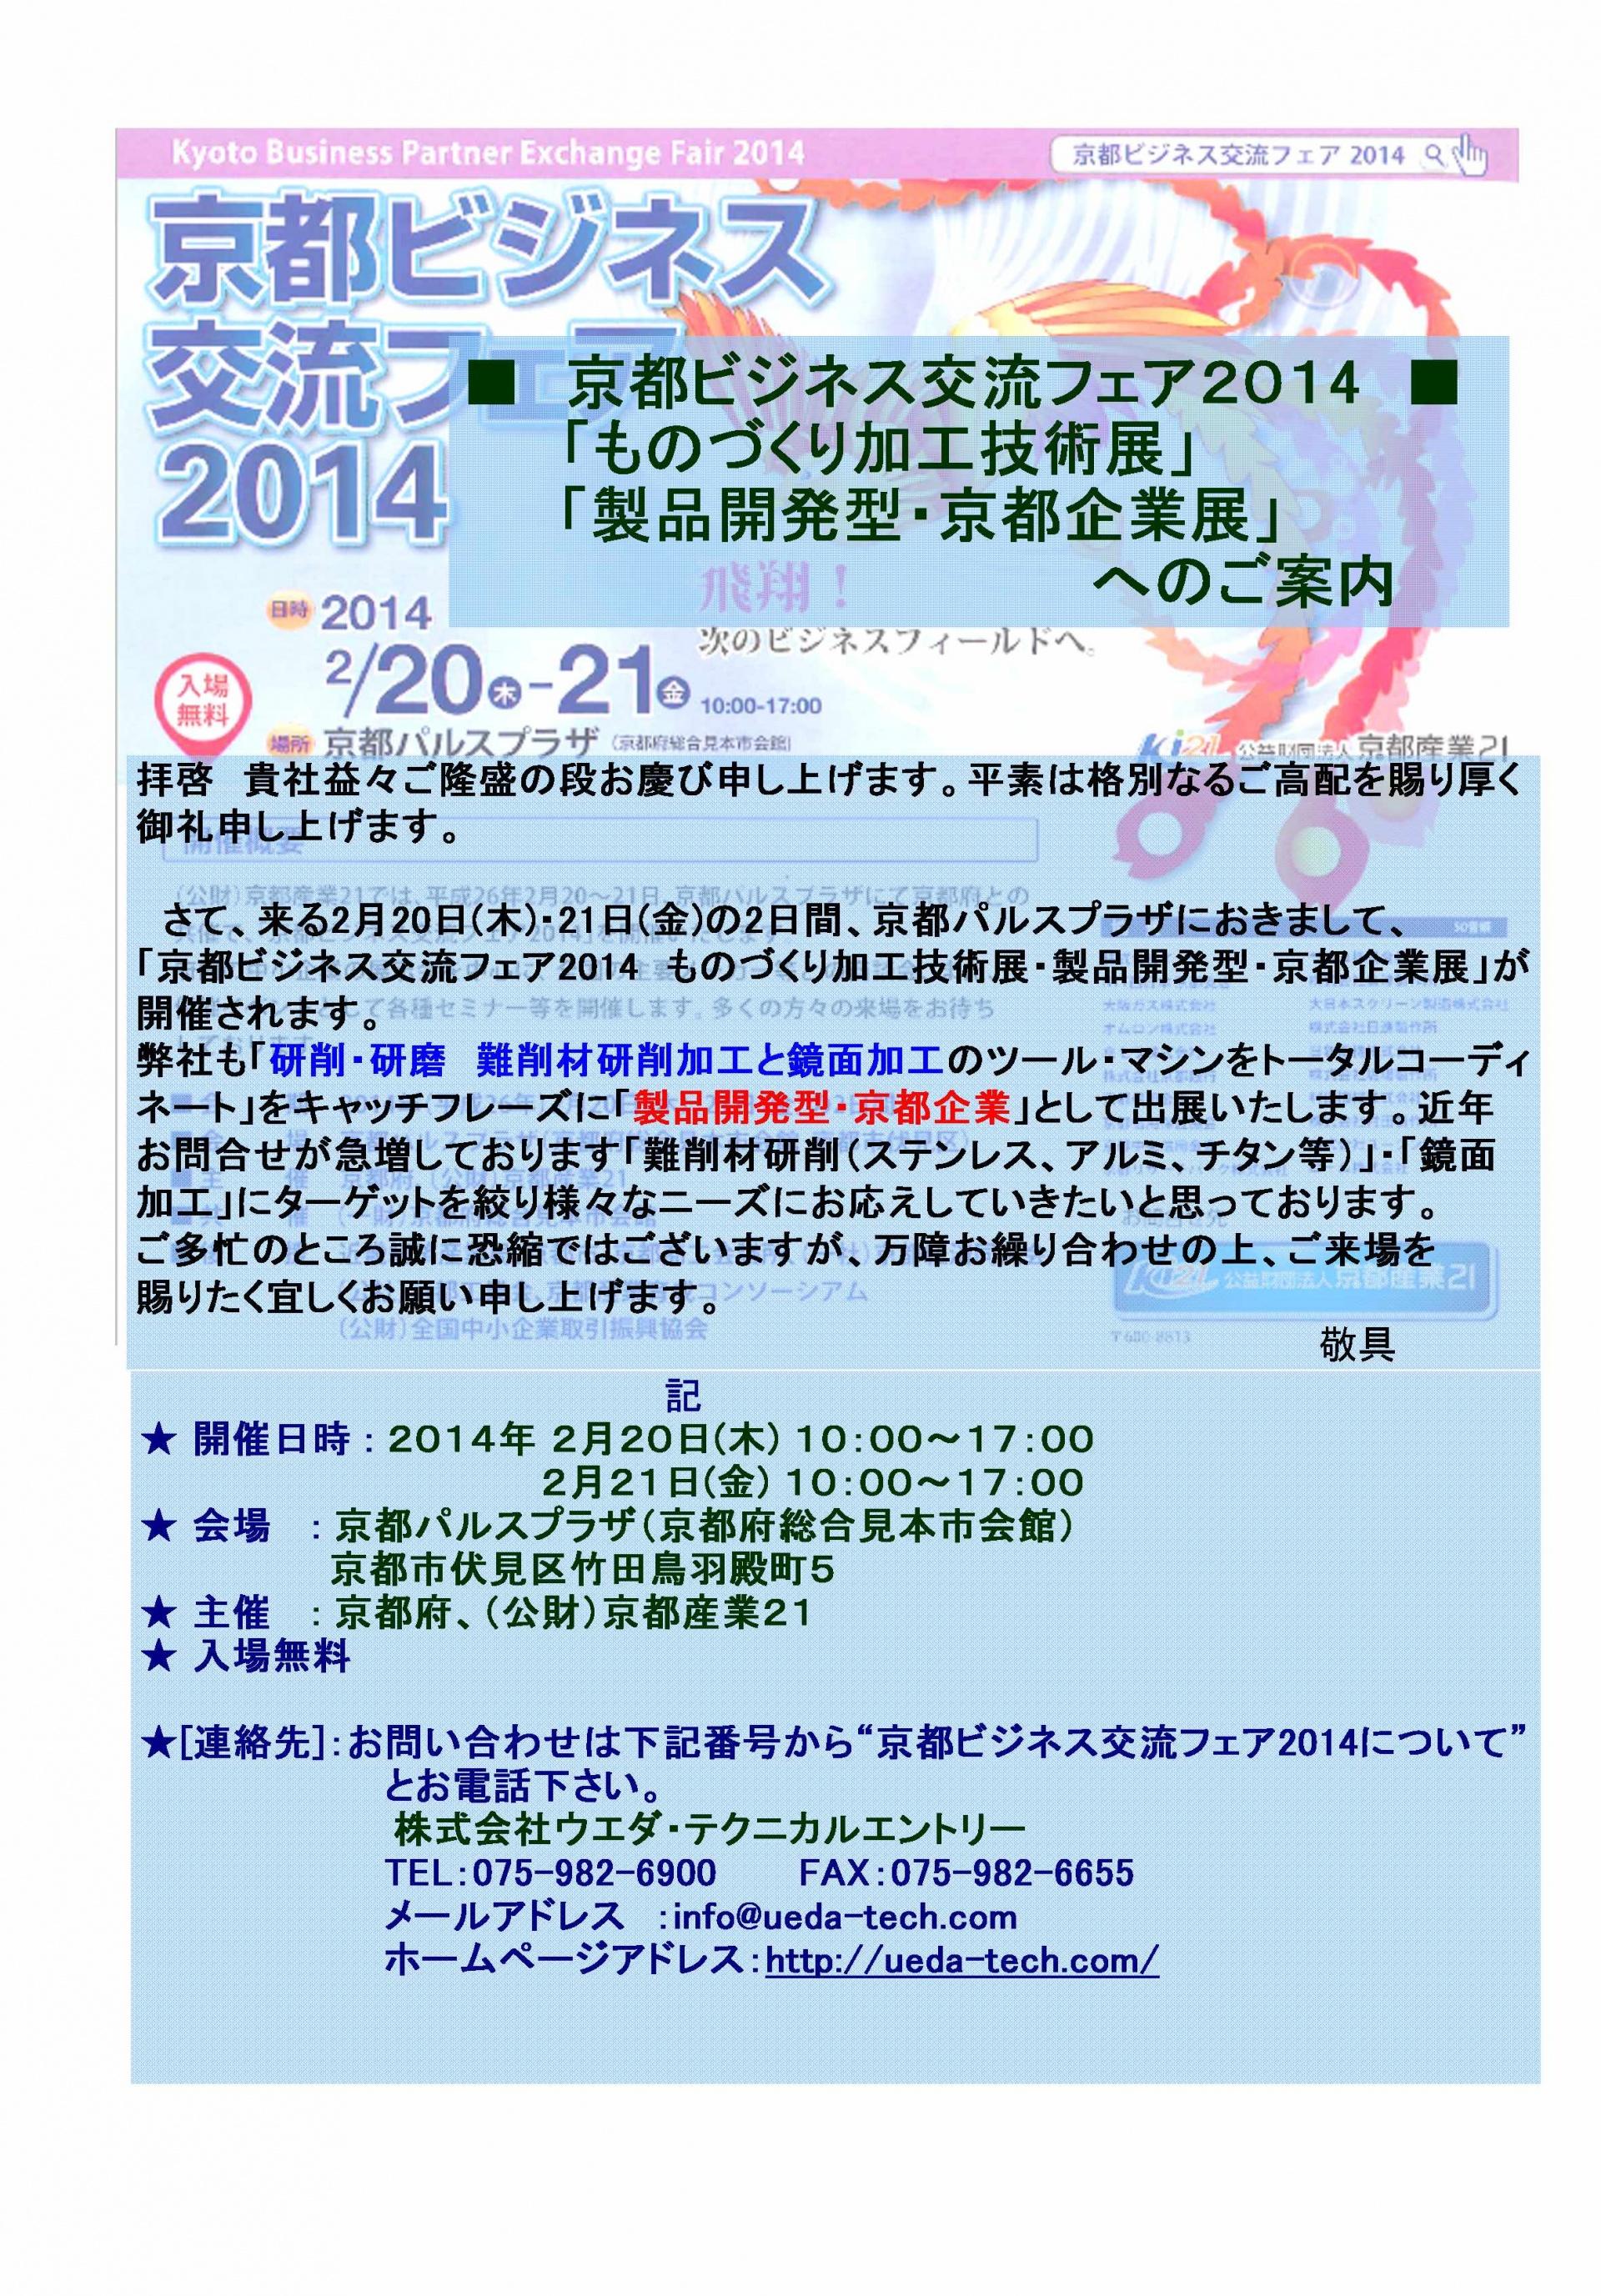 京都ビジネス交流フェアー2014